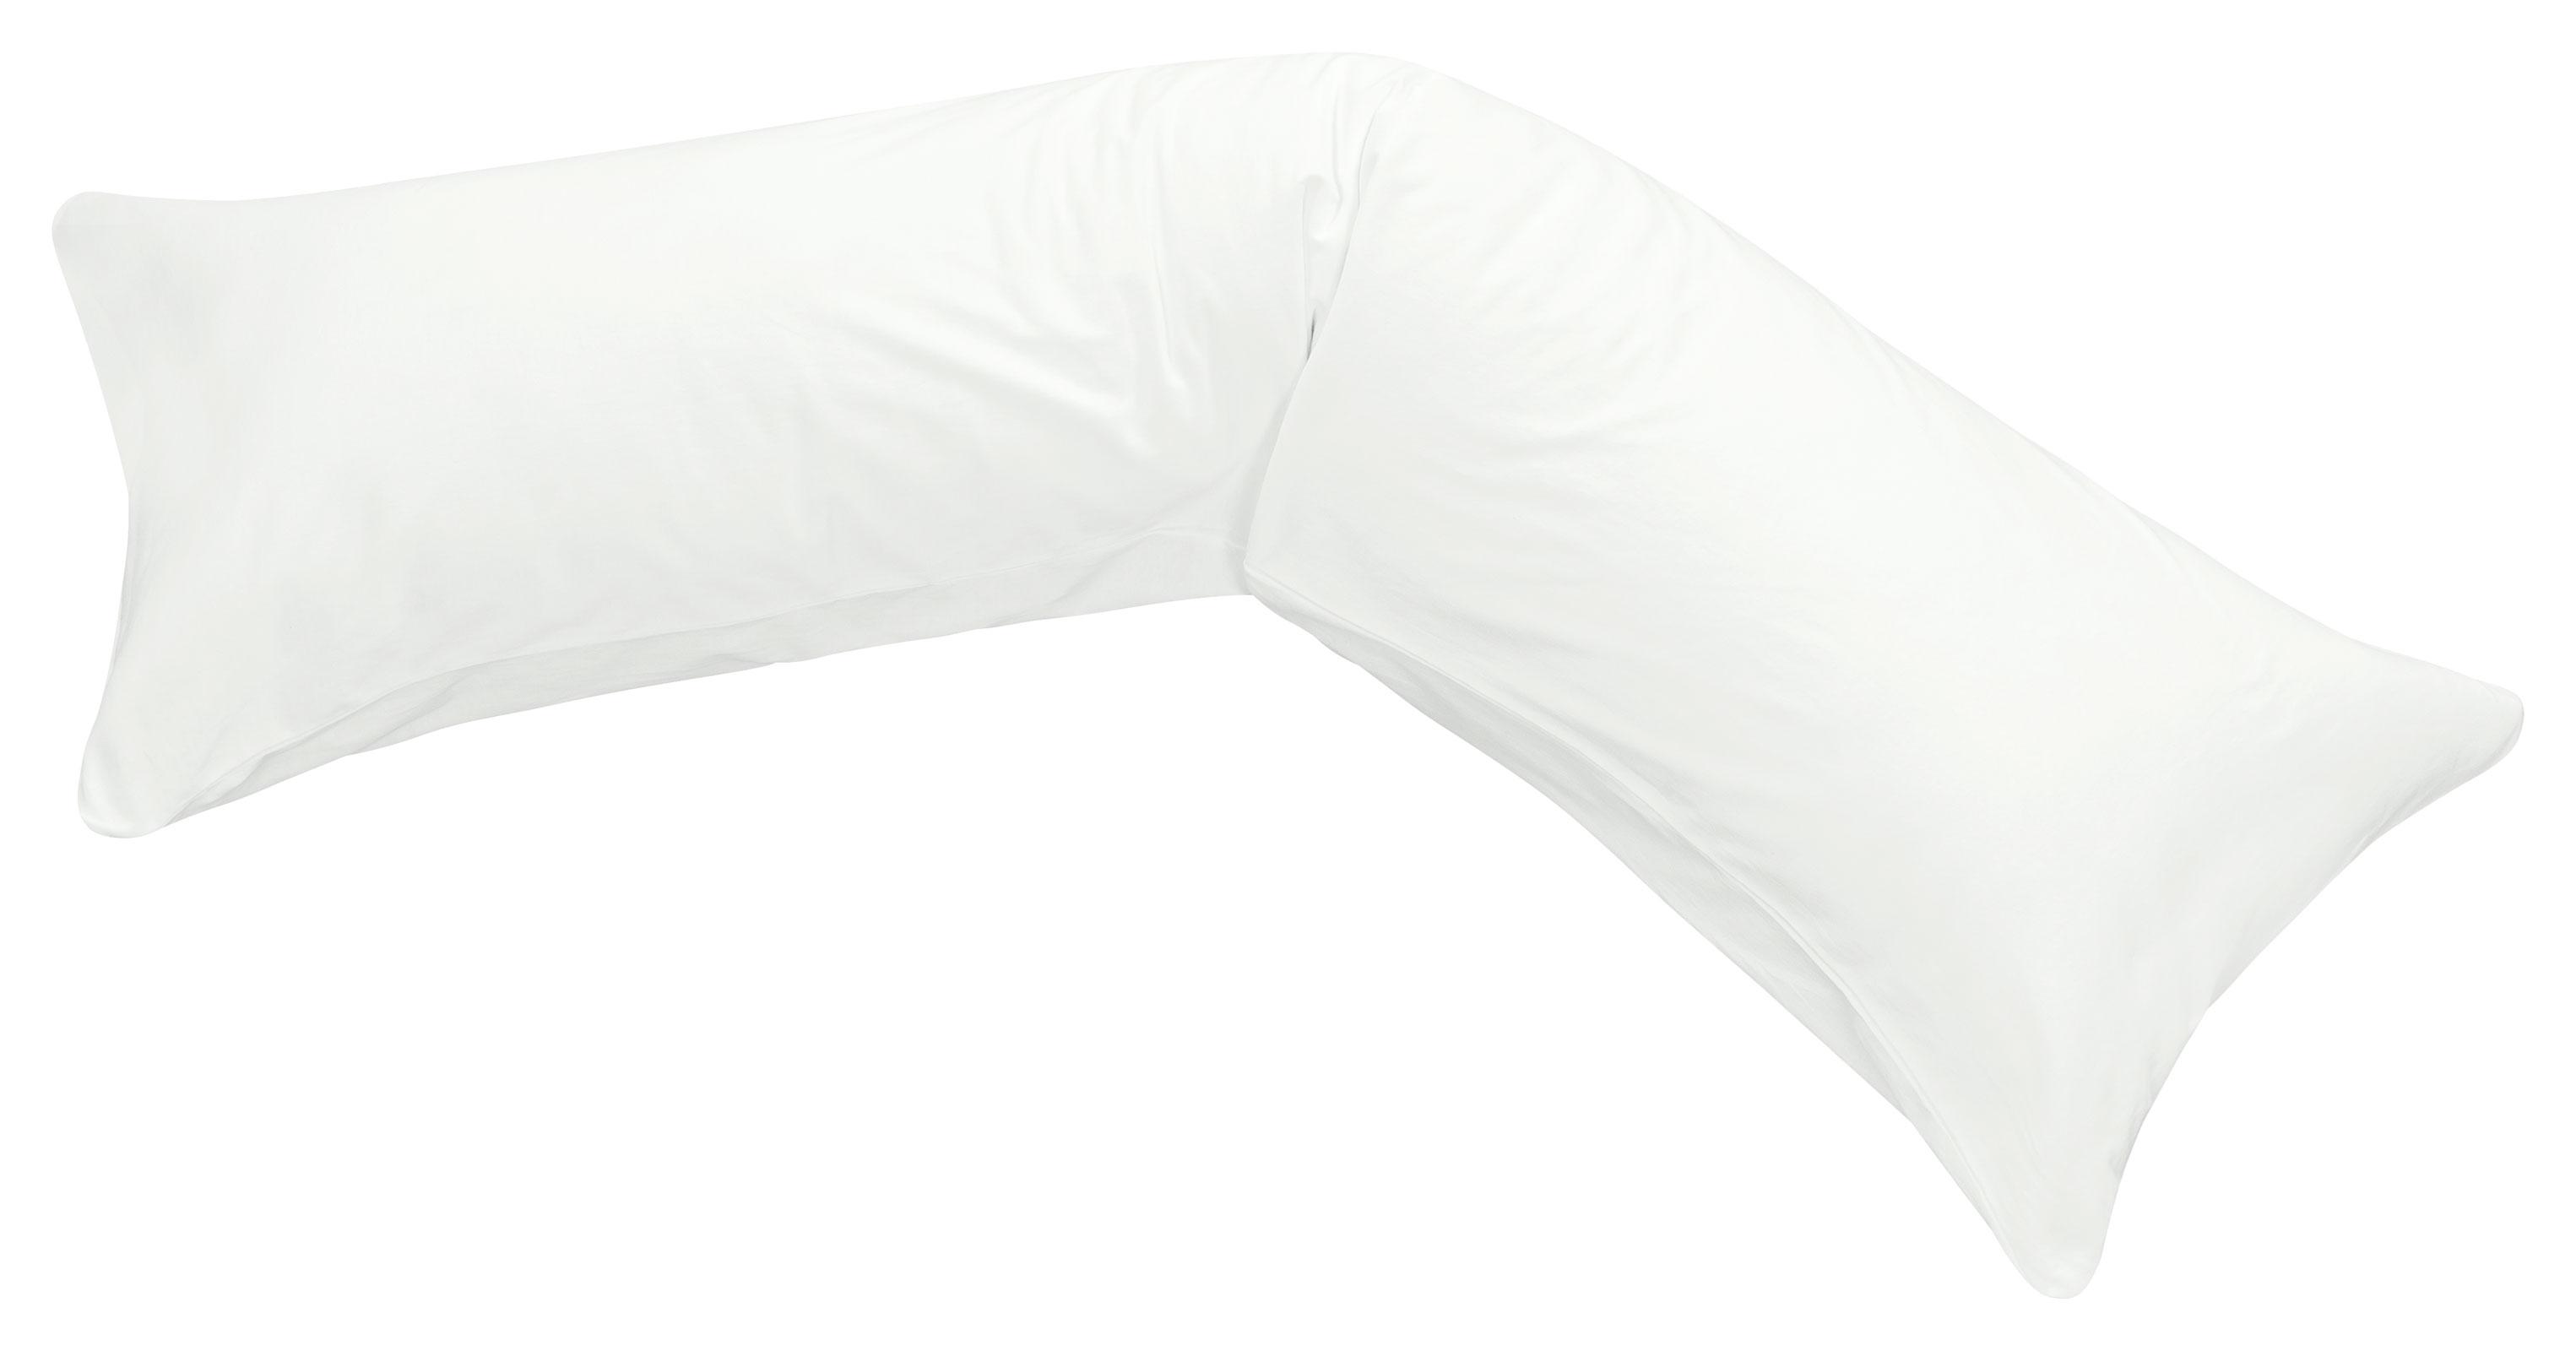 Bezug Seitenschläferkissen 40x145 100/% Leinen  MOON Kissenbezug